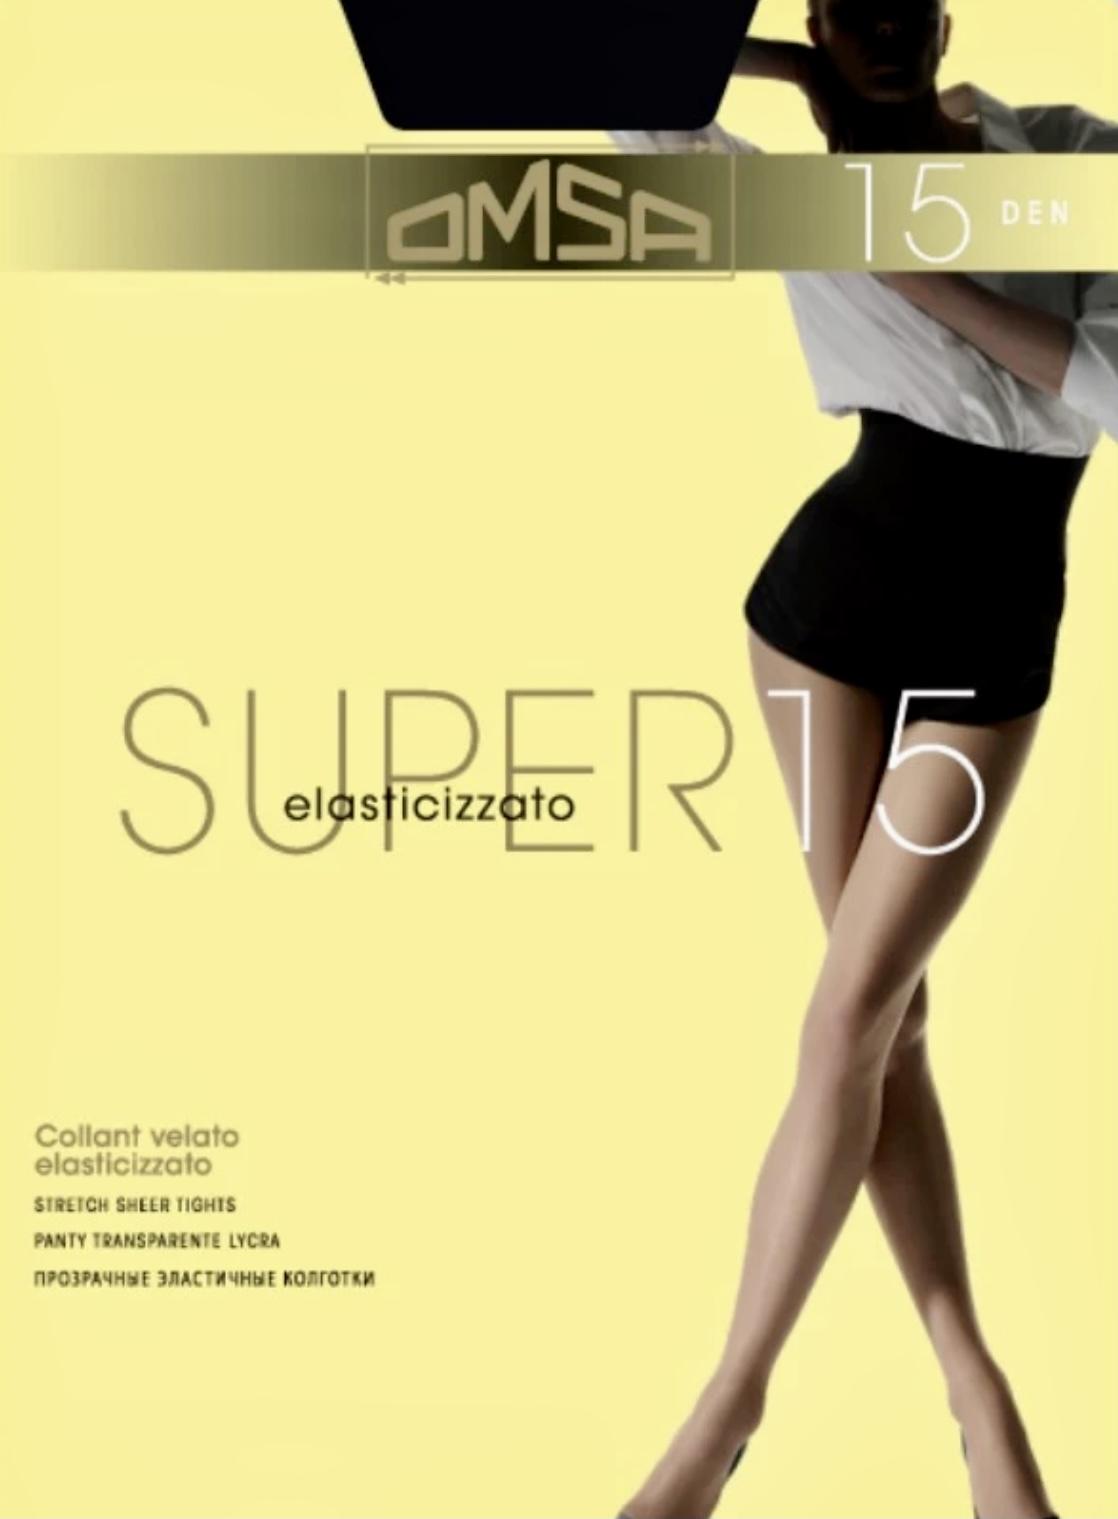 Καλσόν Omsa Super 15D - Caramello - Καθημερινή Χρήση